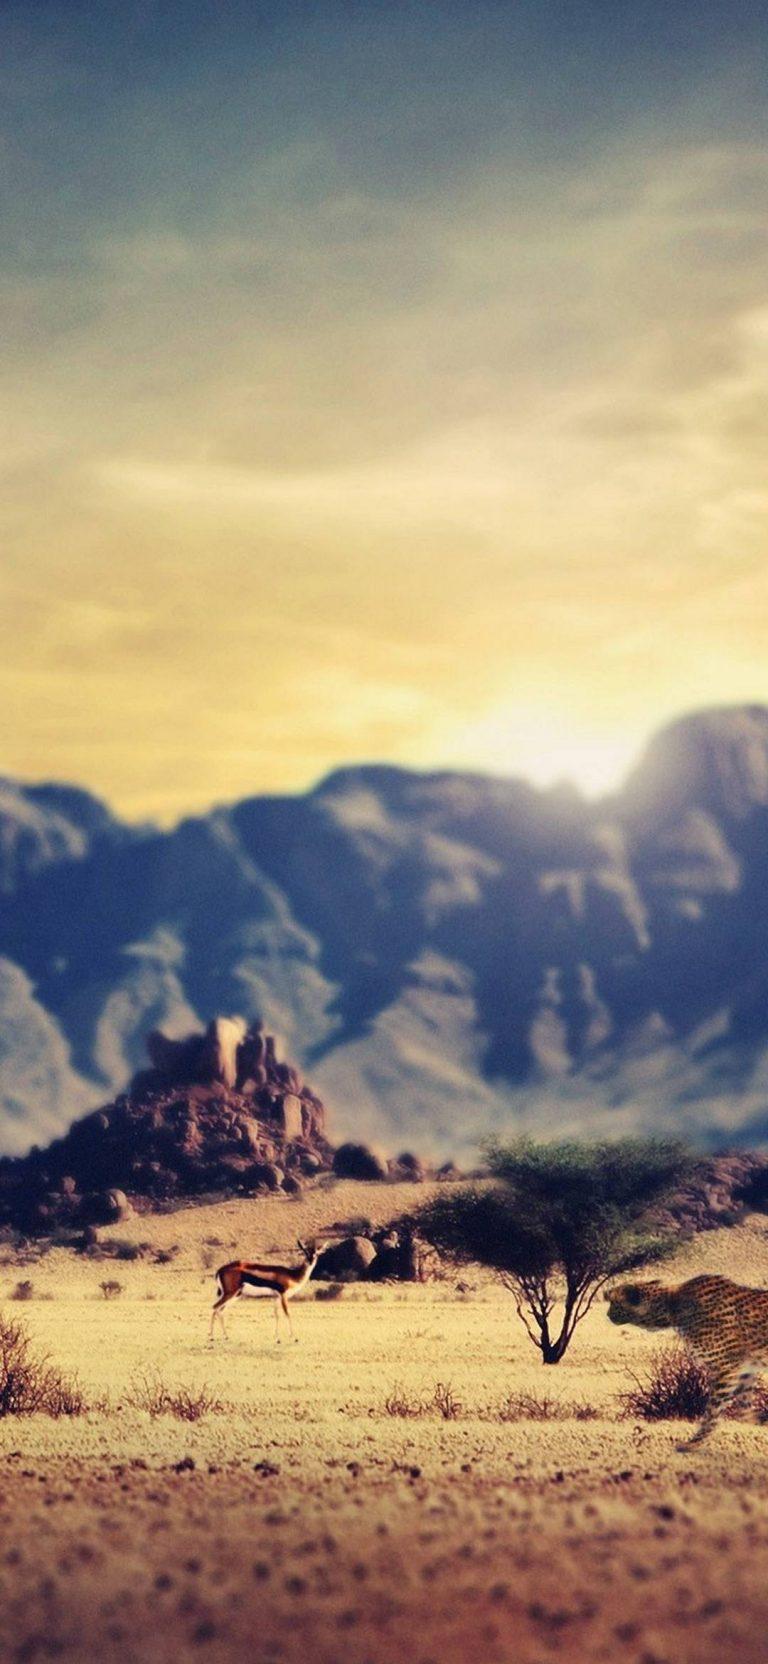 Deserts Wastelands 1080x2340 768x1664